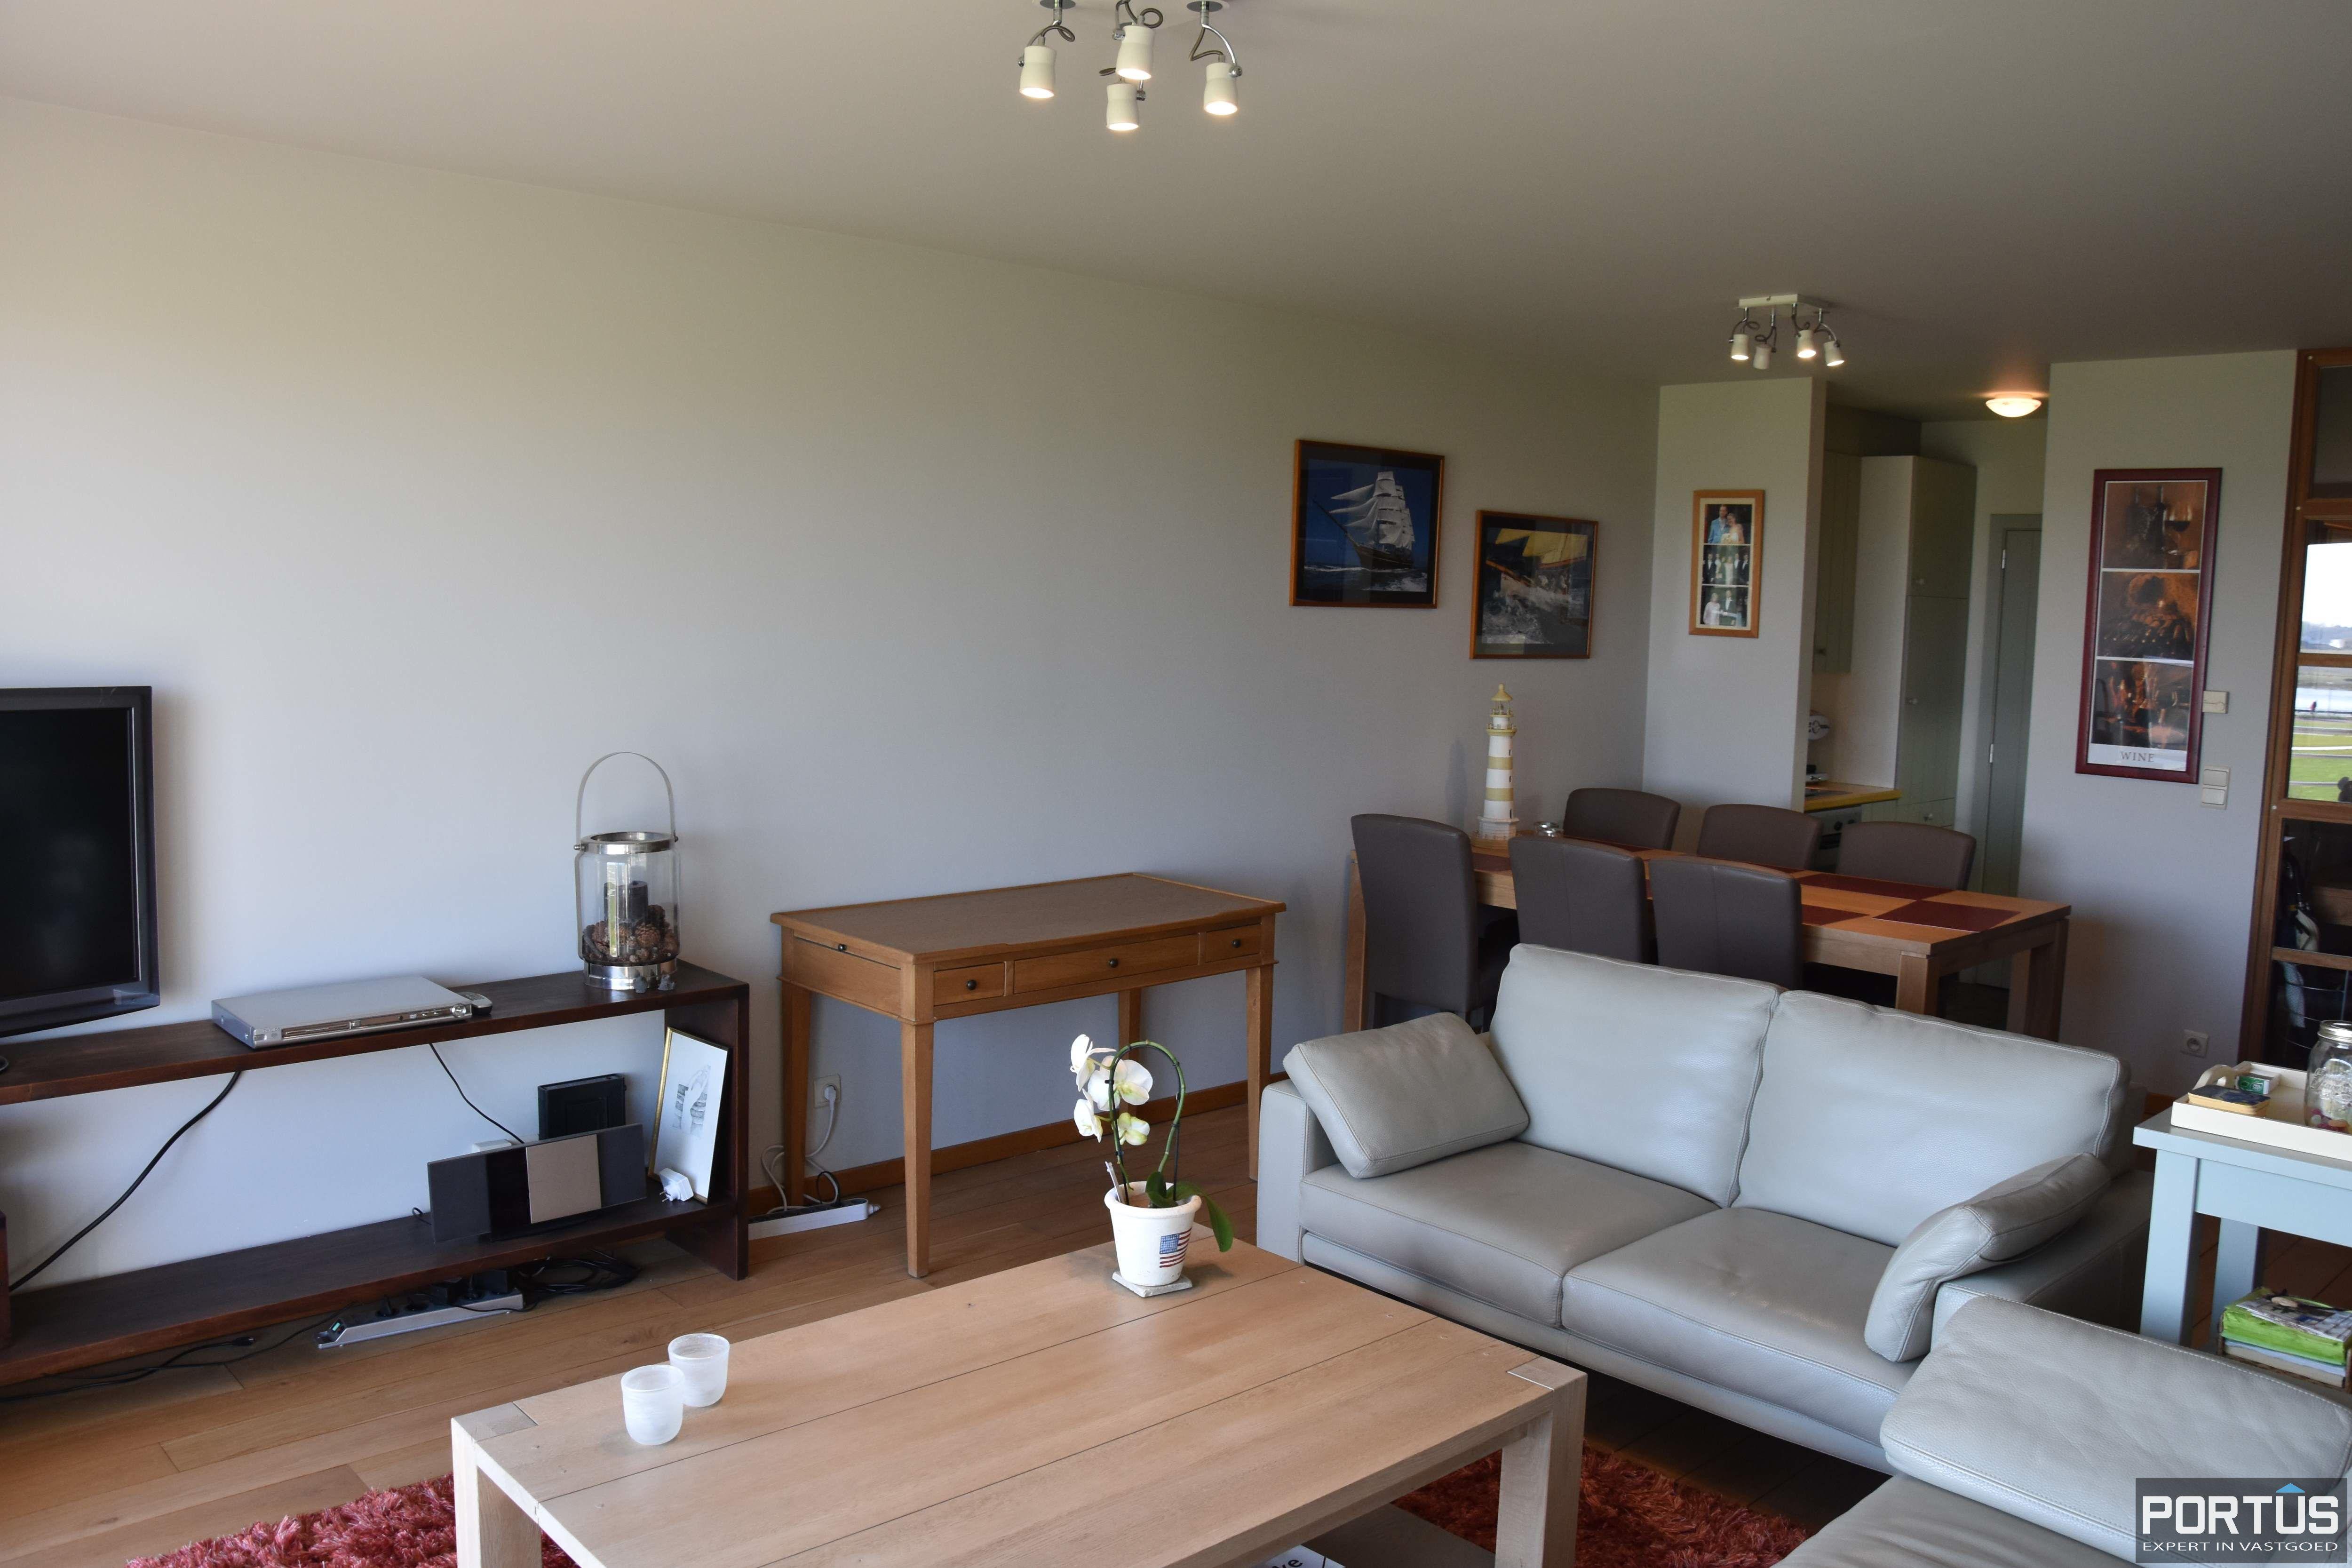 Appartement met slaapkamer, slaaphoek en parking te huur Nieuwpoort - 9541